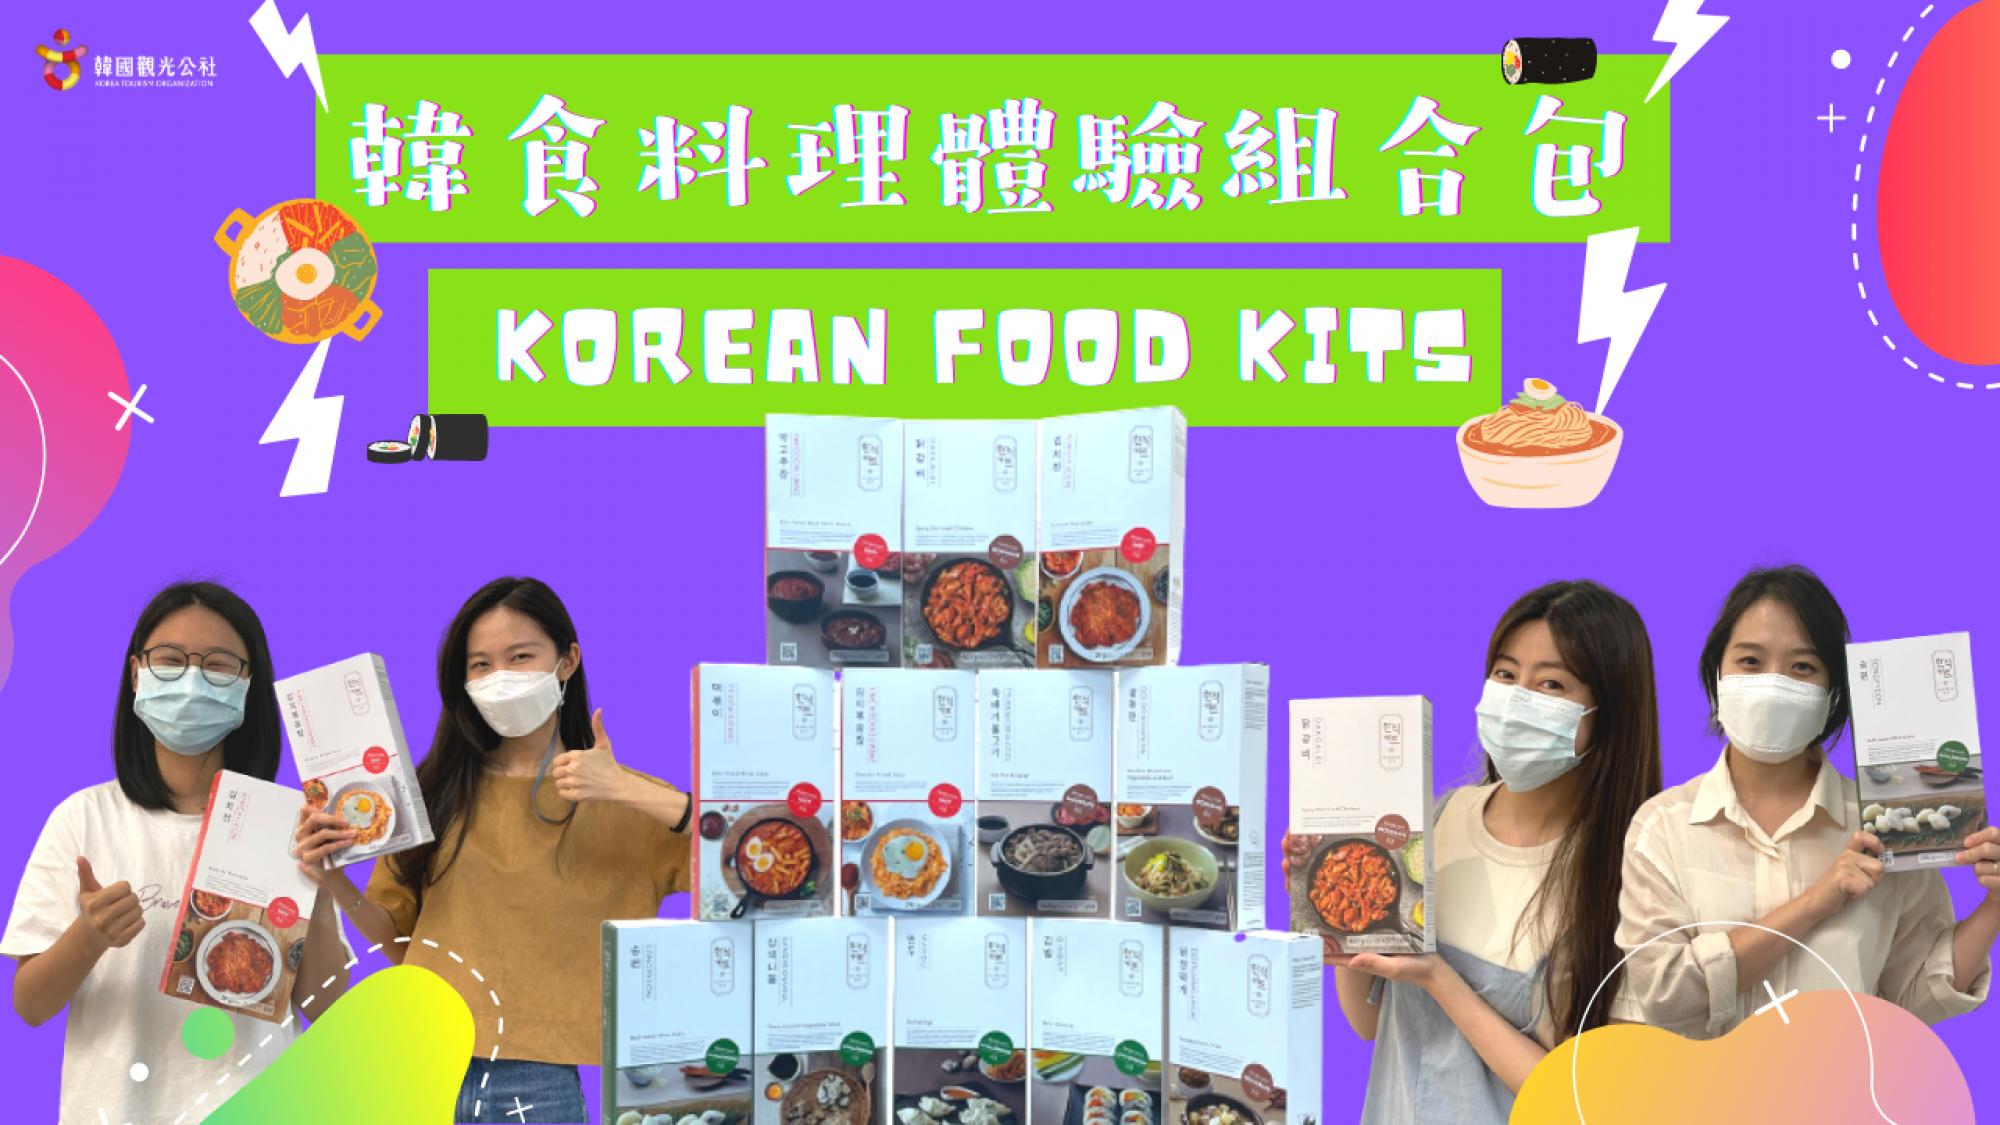 韓食料理體驗組合包